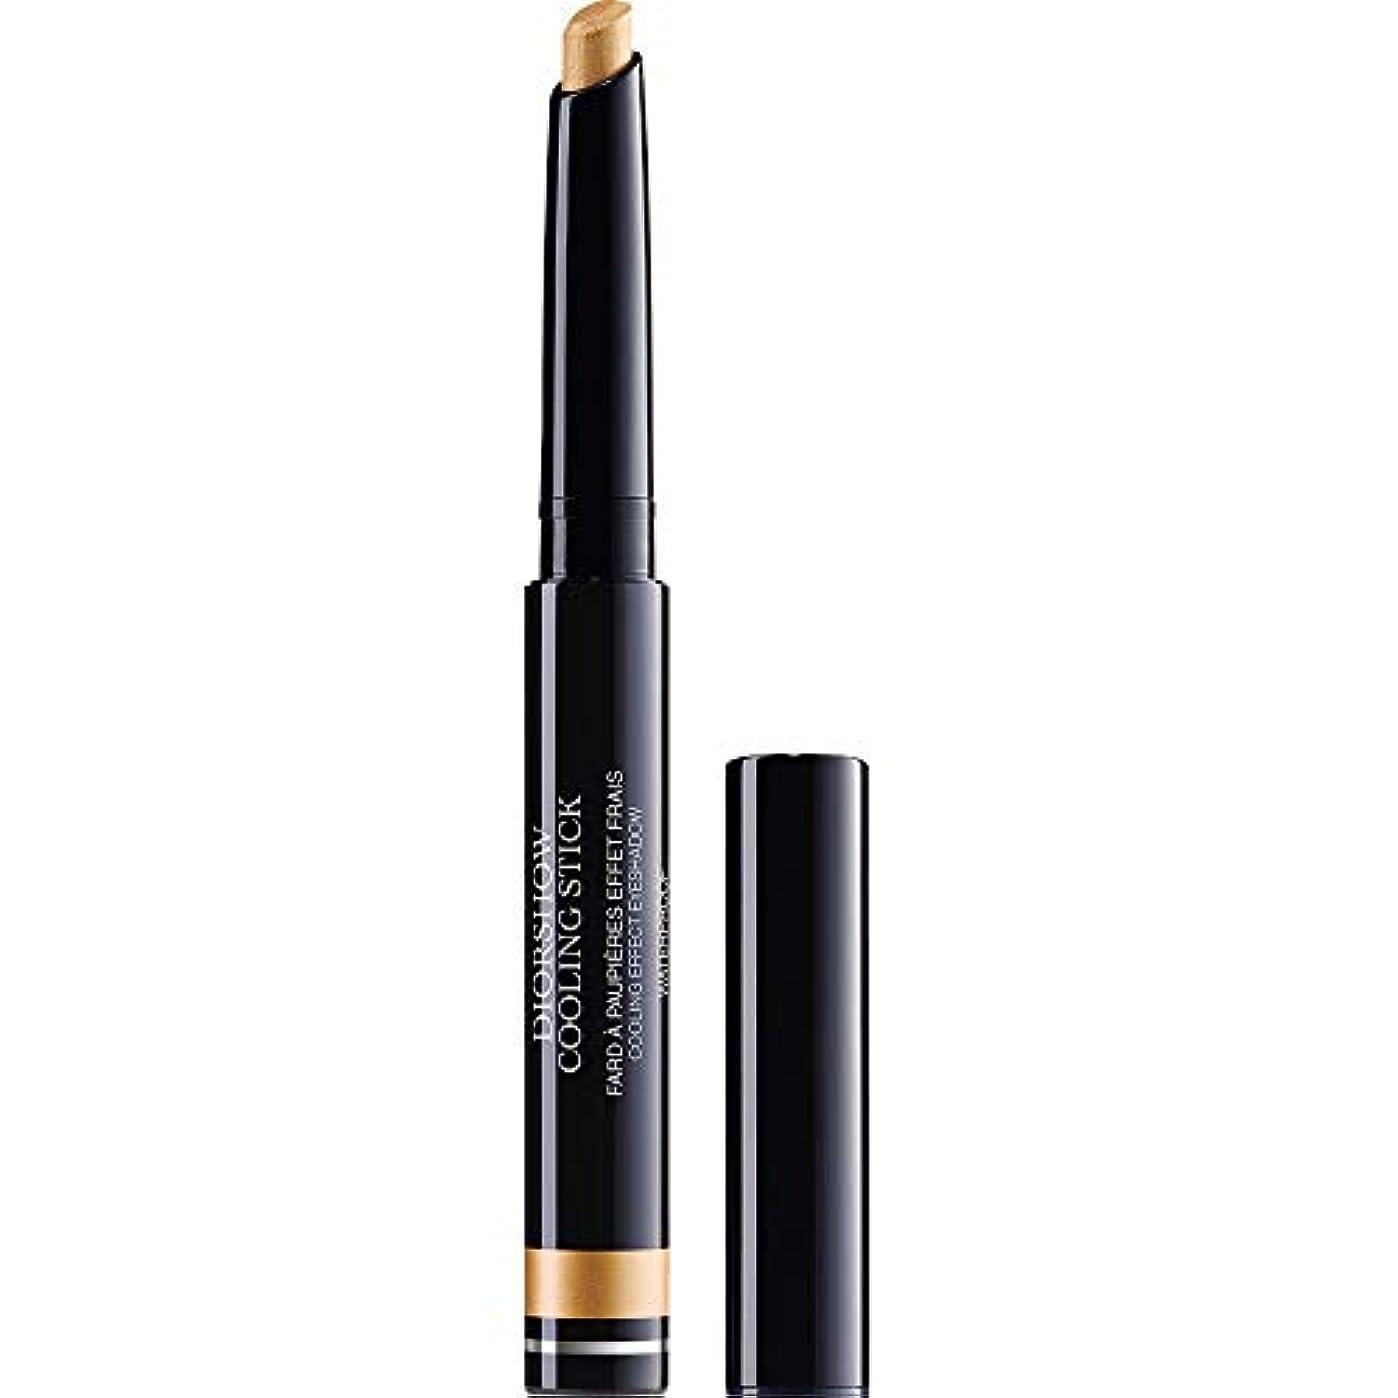 ドロップ結婚不当[Dior ] ディオールDiorshow冷却スティックアイシャドウ1.6グラム002 - 金スプラッシュ - DIOR Diorshow Cooling Stick Eyeshadow 1.6g 002 - Gold...